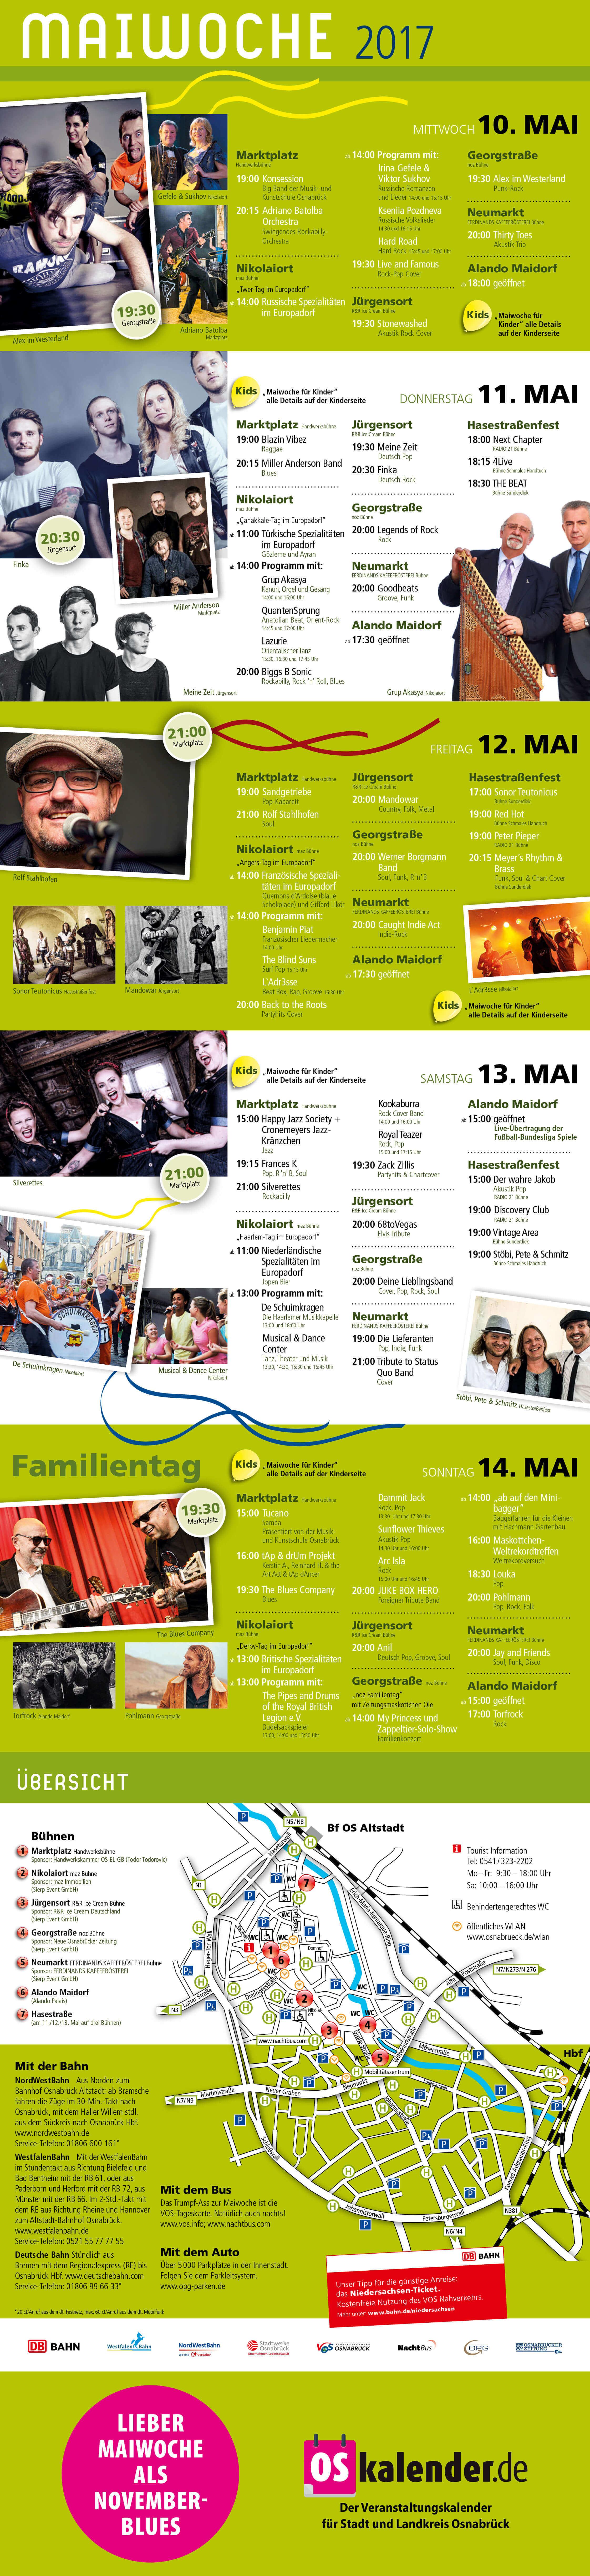 Der Flyer der Maiwoche wurde von der Osnabrücker Grafikdesign-Agentur gestaltet